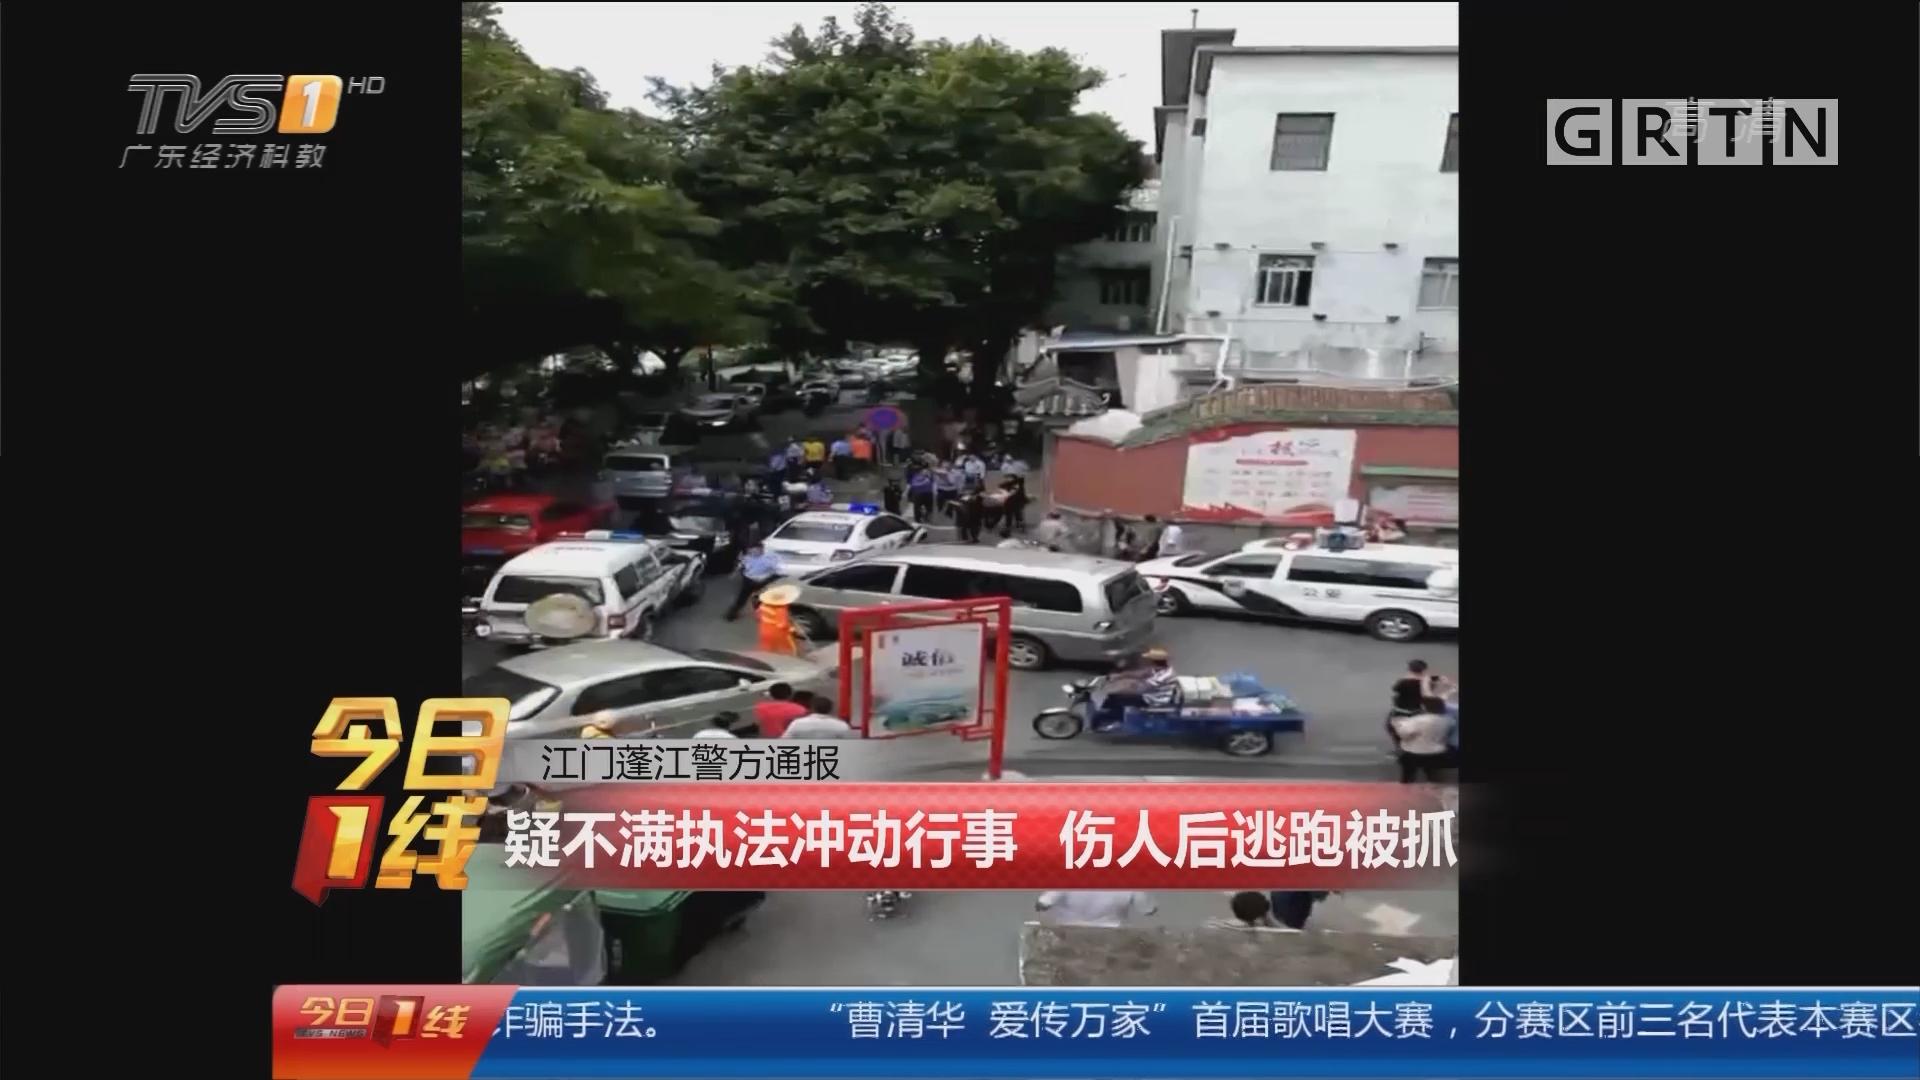 江门蓬江警方通报:疑不满执法冲动行事 伤人后逃跑被抓